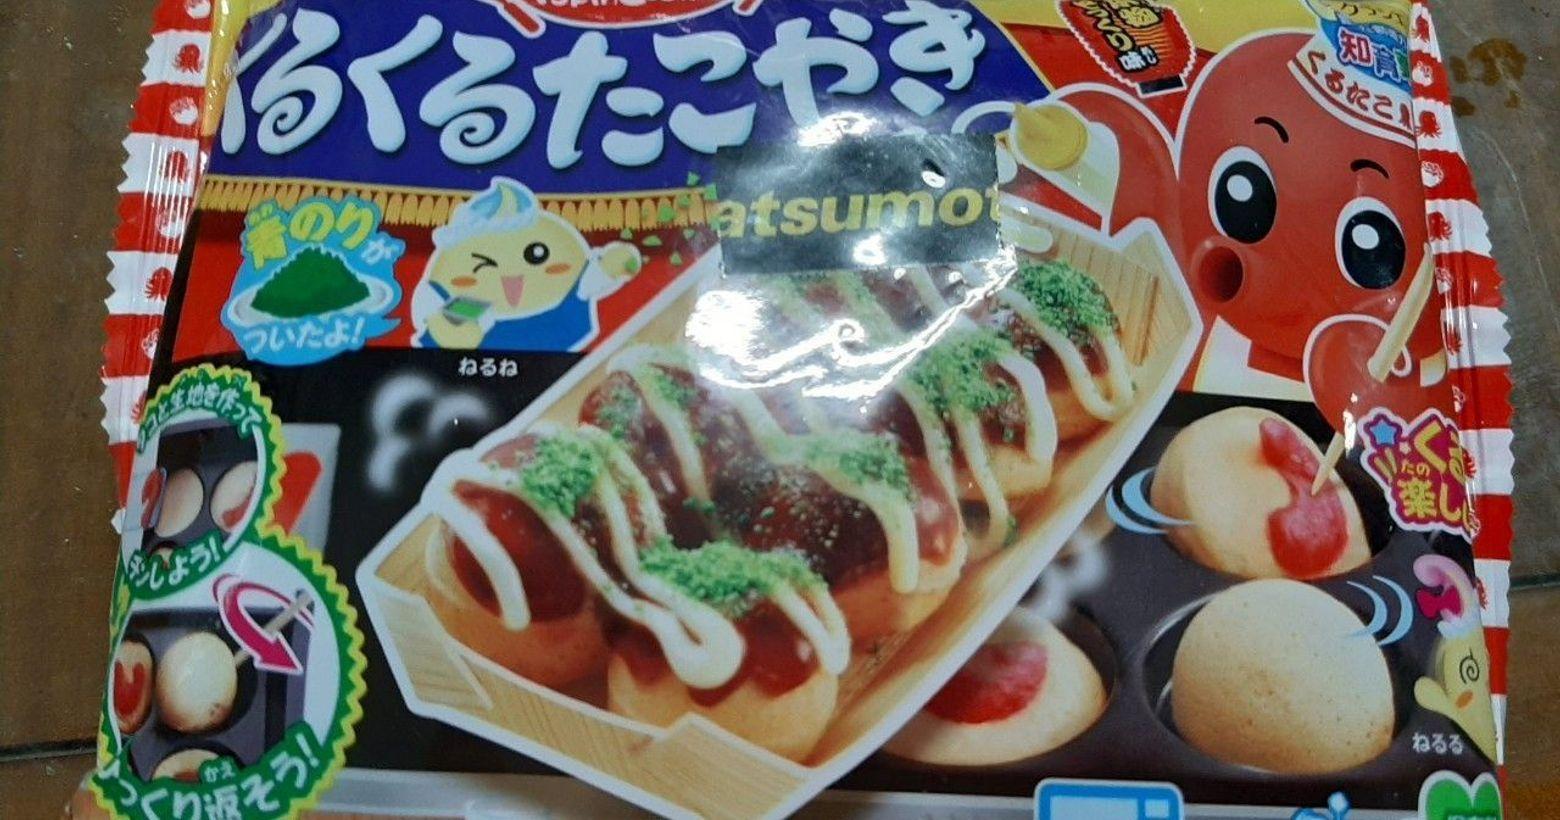 章魚燒食玩章魚燒食玩知育果子是日本很知名的仿作零食,深受很多小孩的喜愛。款式百百種,很容易讓爸媽遇到